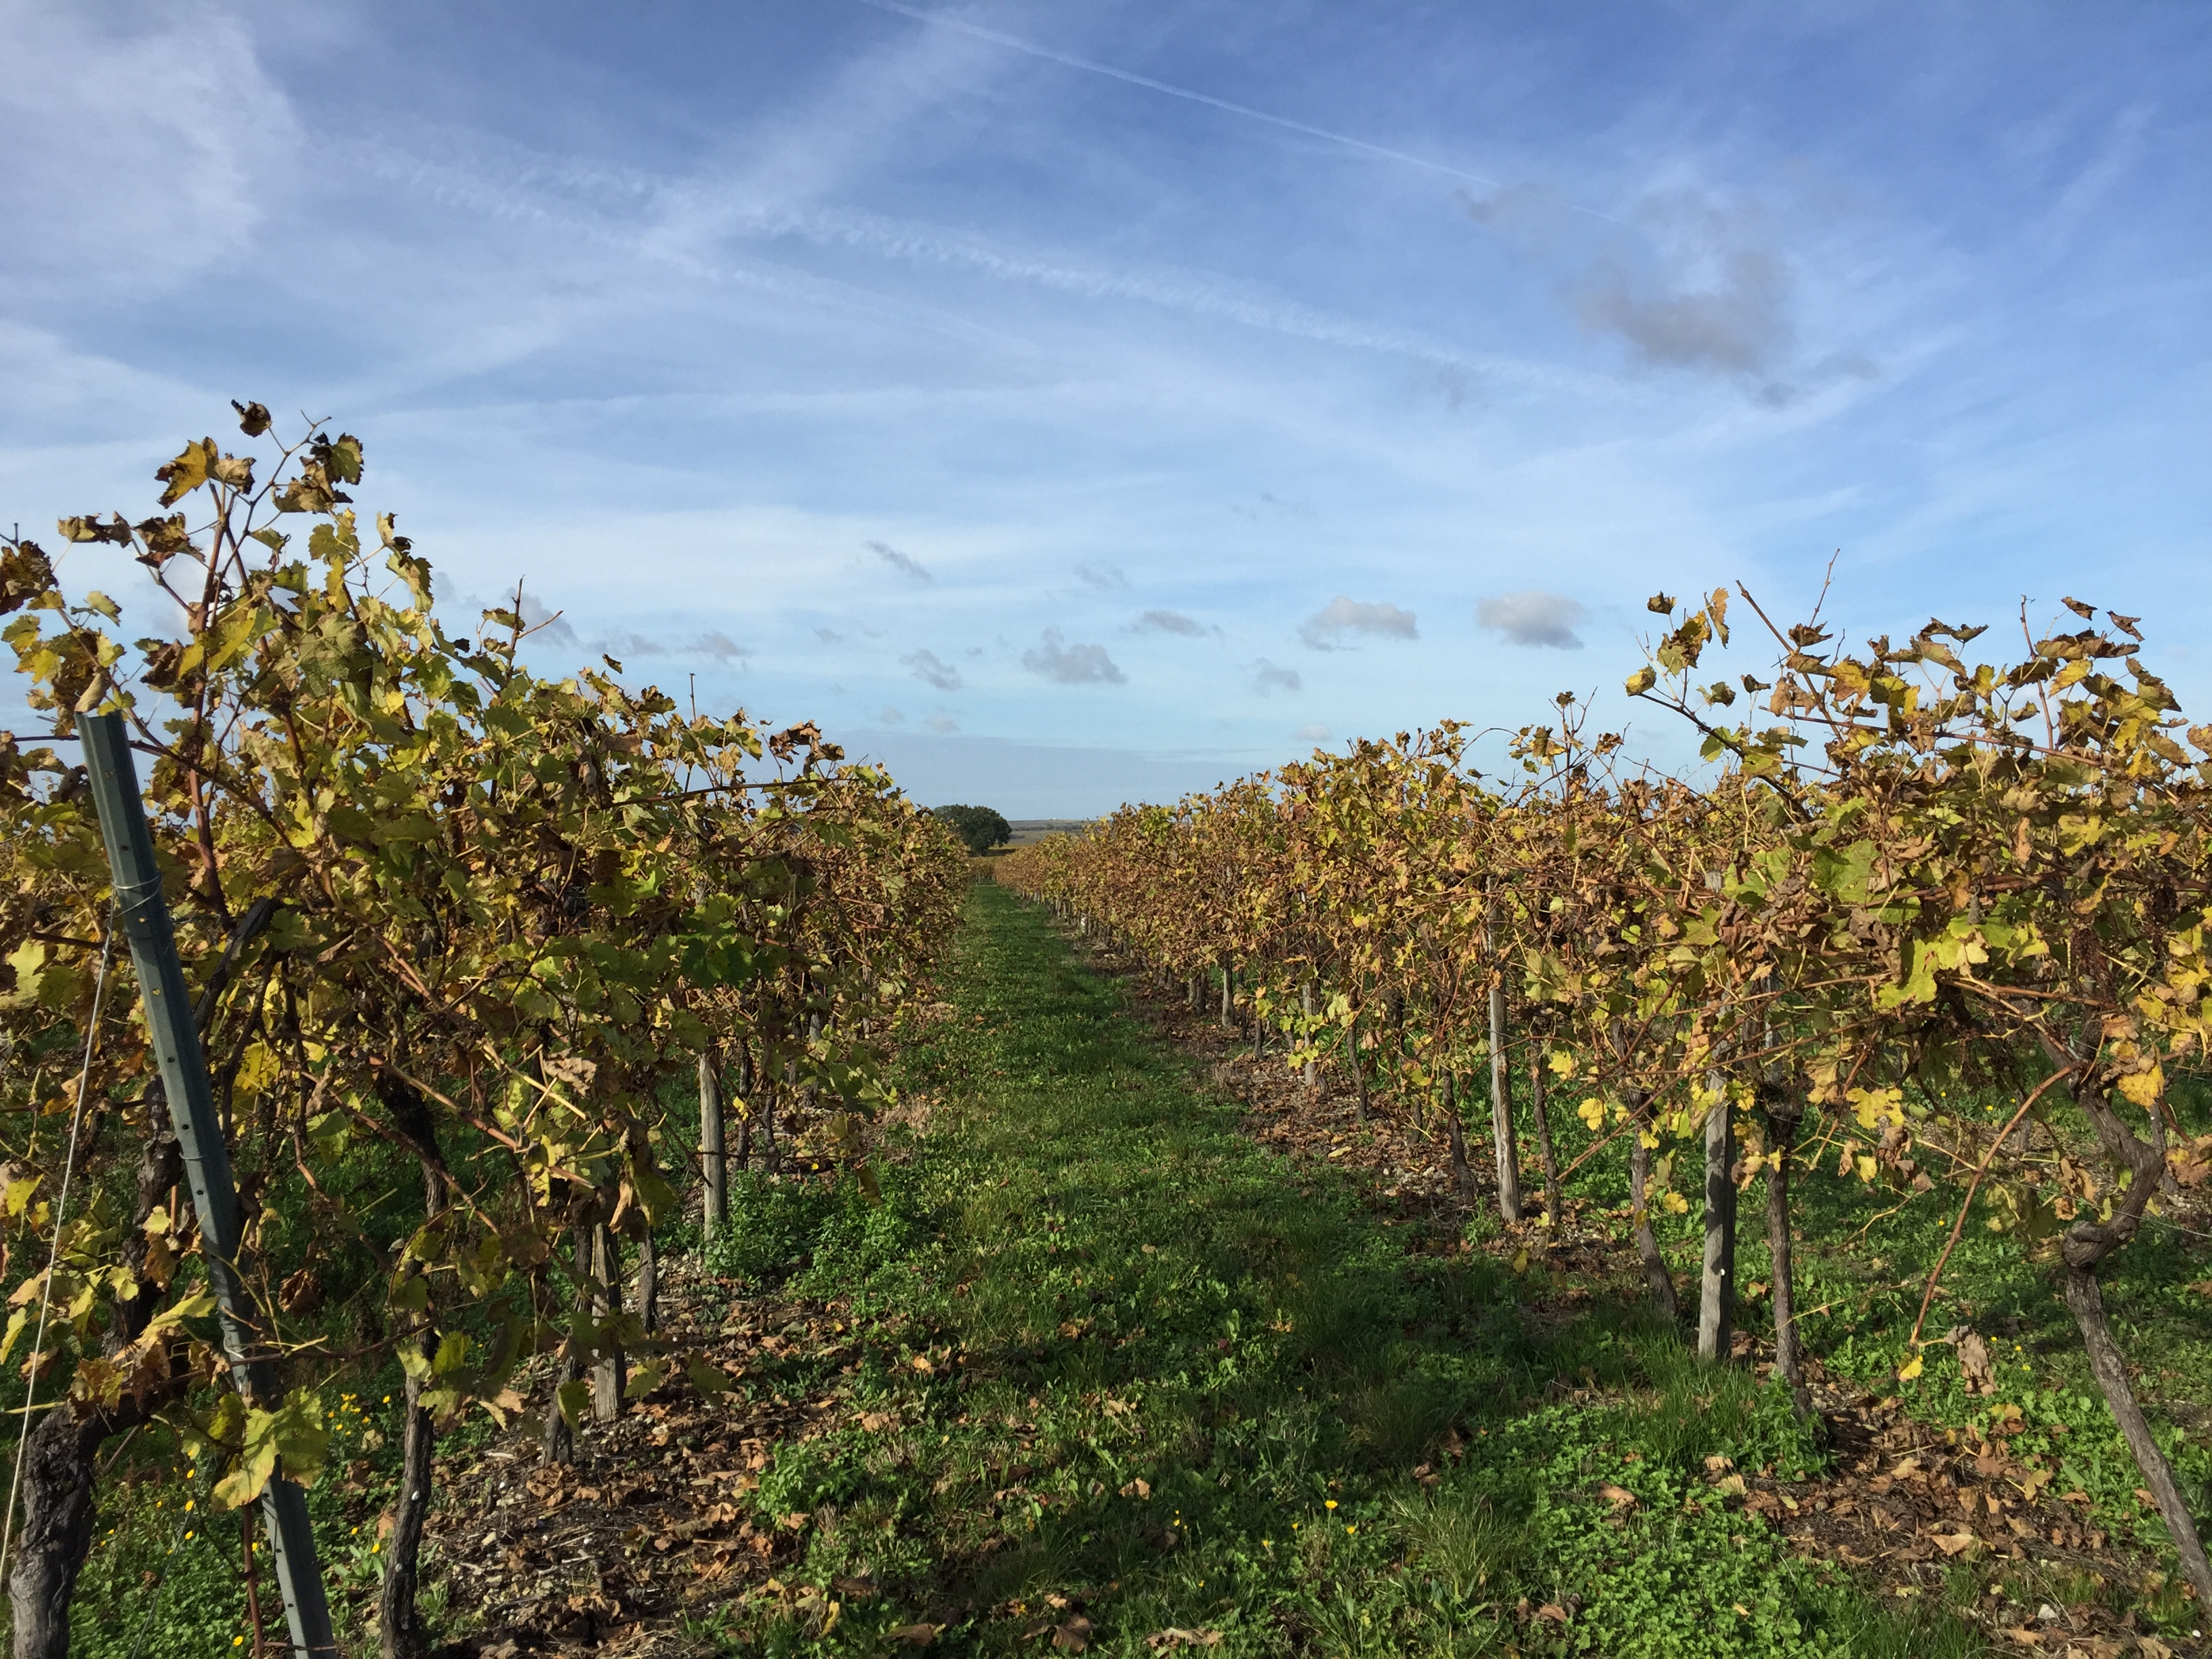 livingincognac-2016-autumn-in-vineyard-16